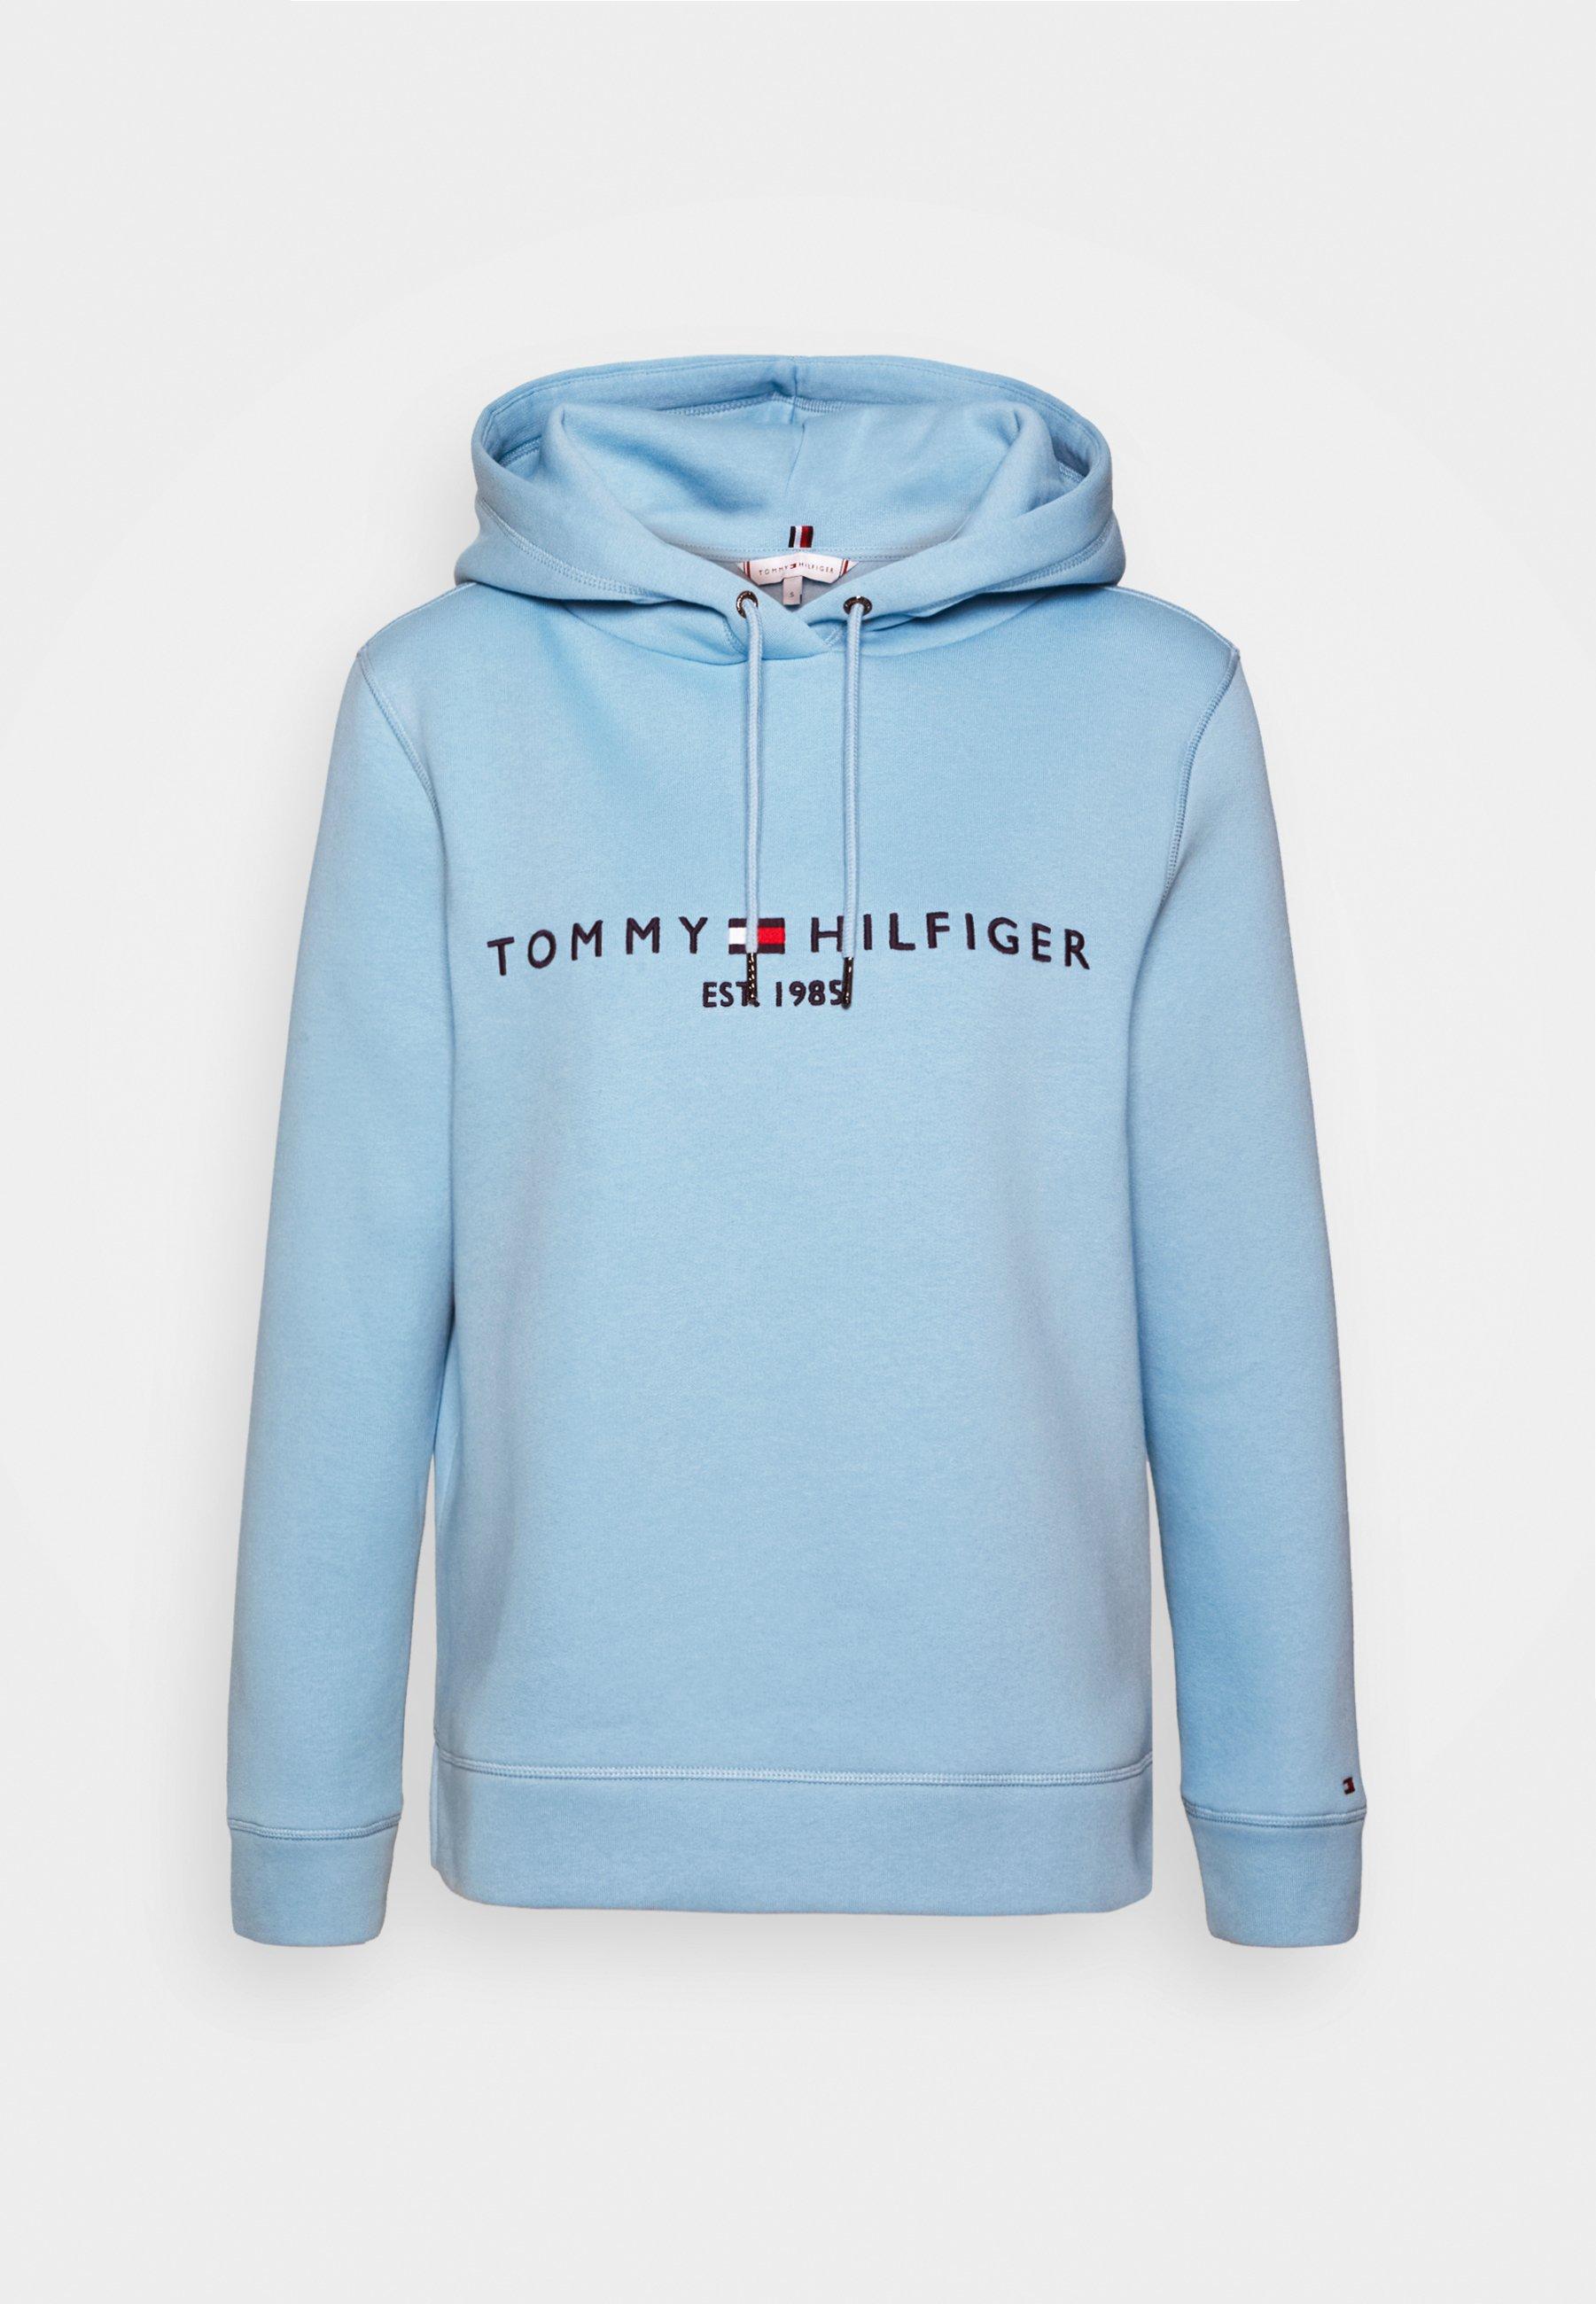 Tommy Hilfiger Herren Damen Hoodie Sweatshirt Hoody Kapuzenpullover Pulli TOP